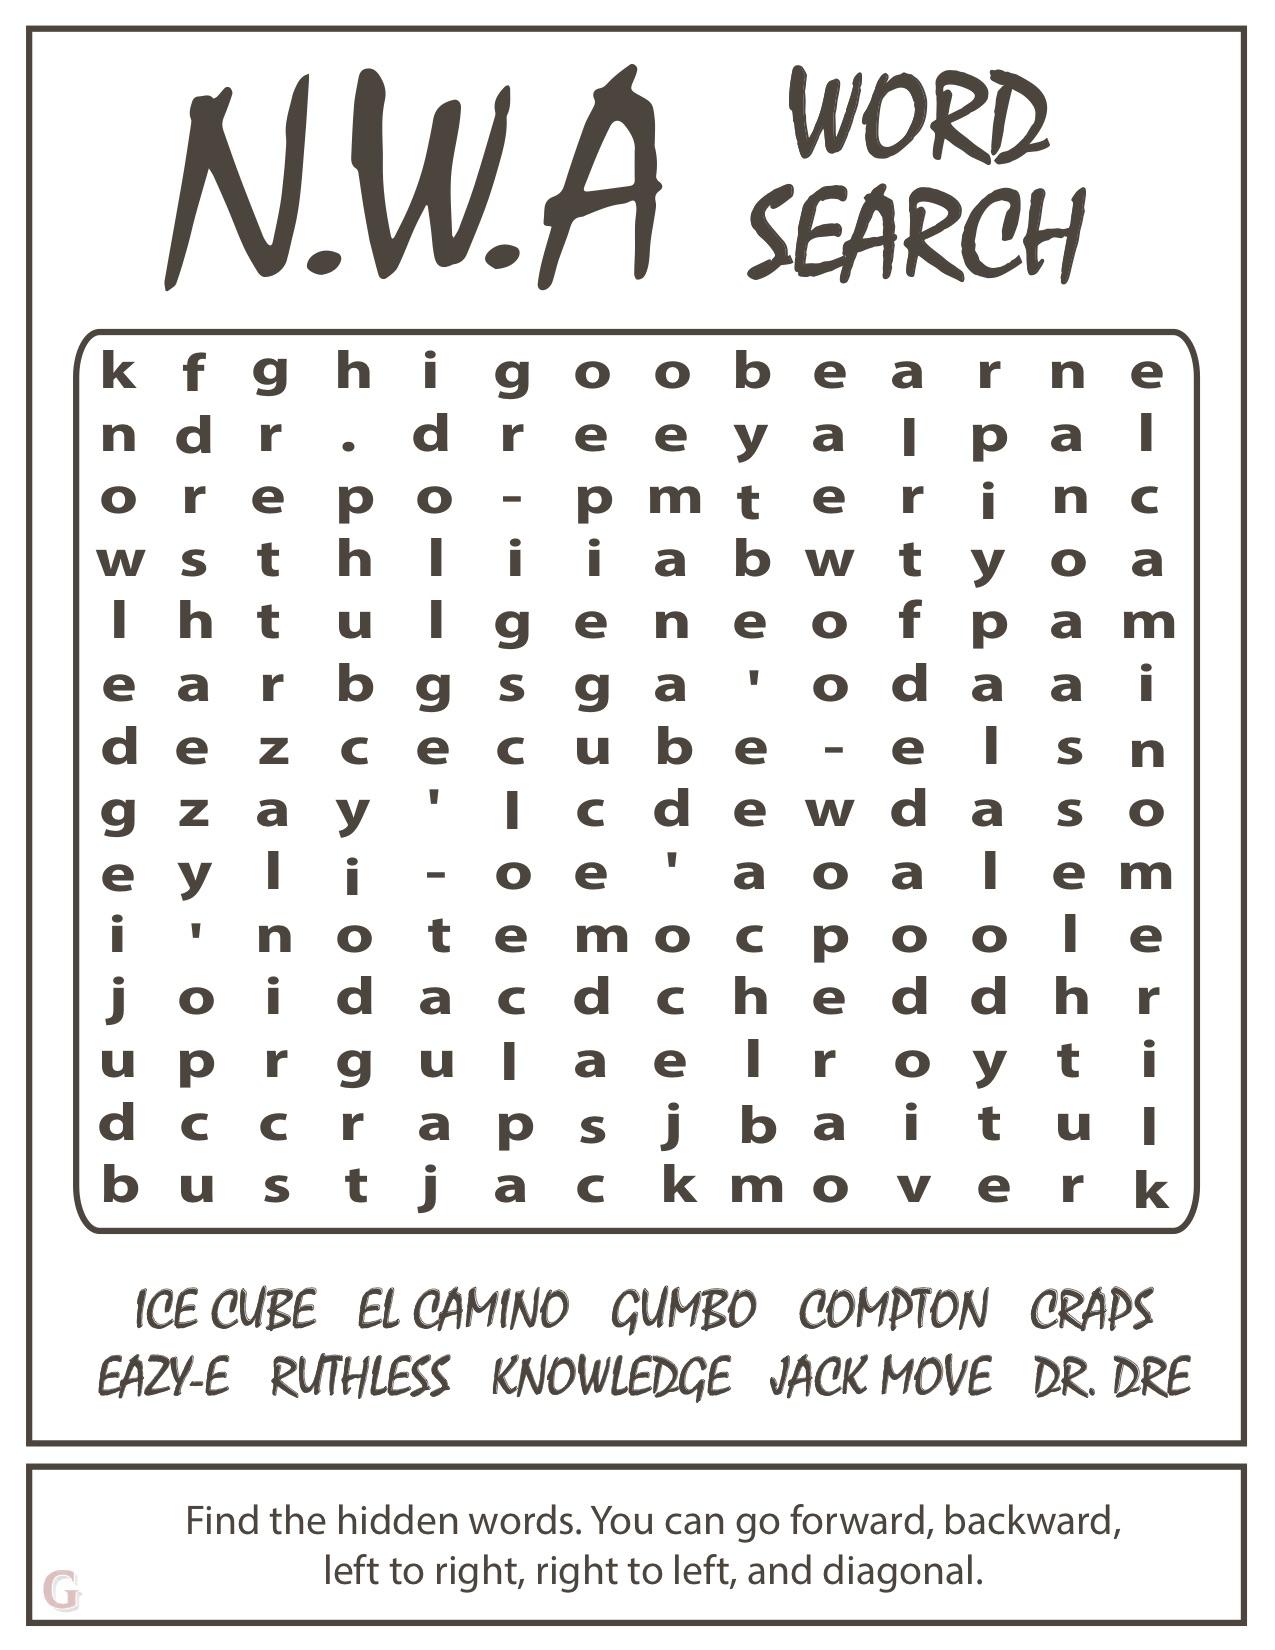 NWA Page 5